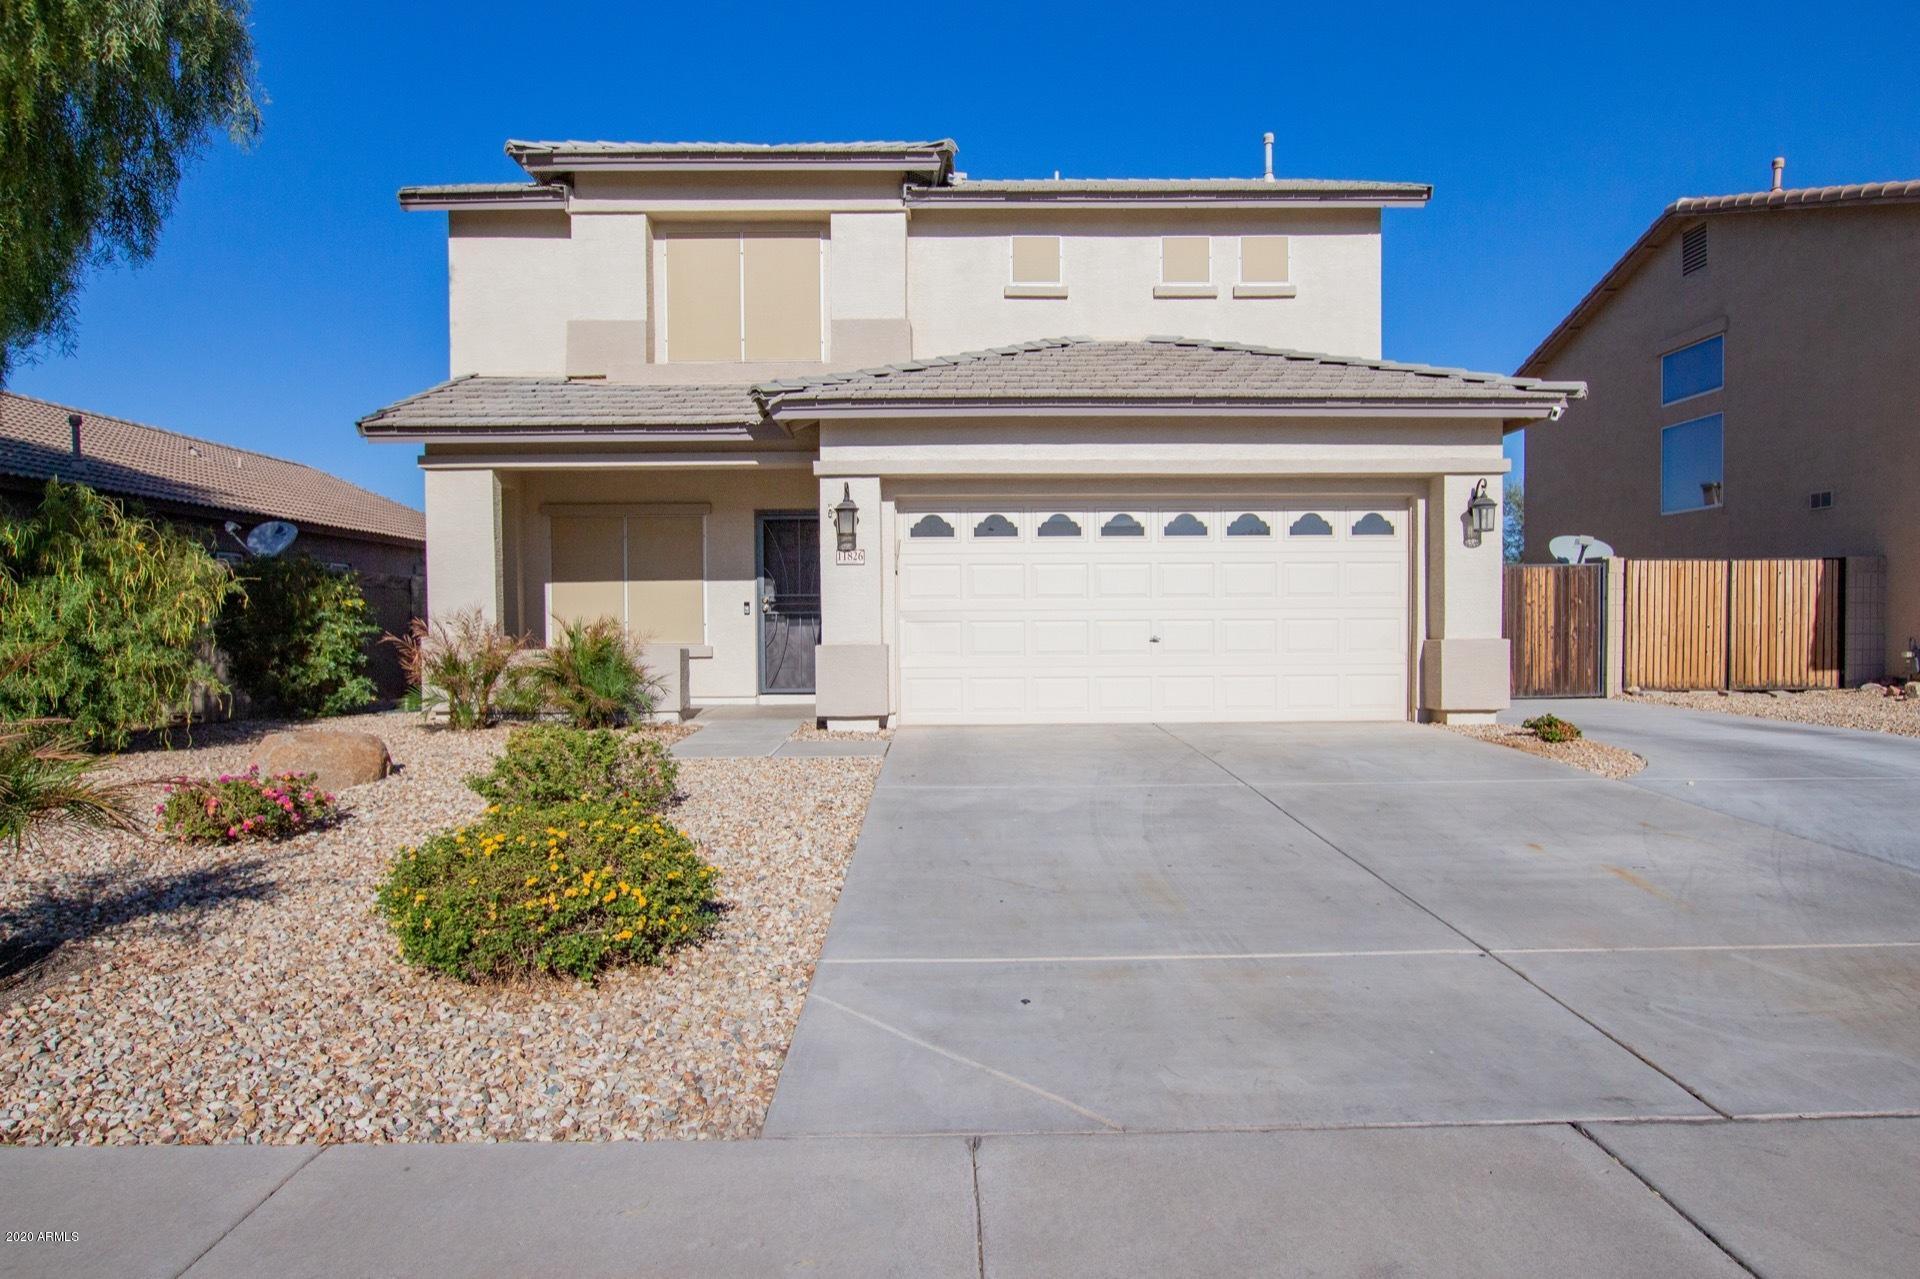 MLS 6159188 Avondale Metro Area, Avondale, AZ 85323 Avondale Homes for Rent